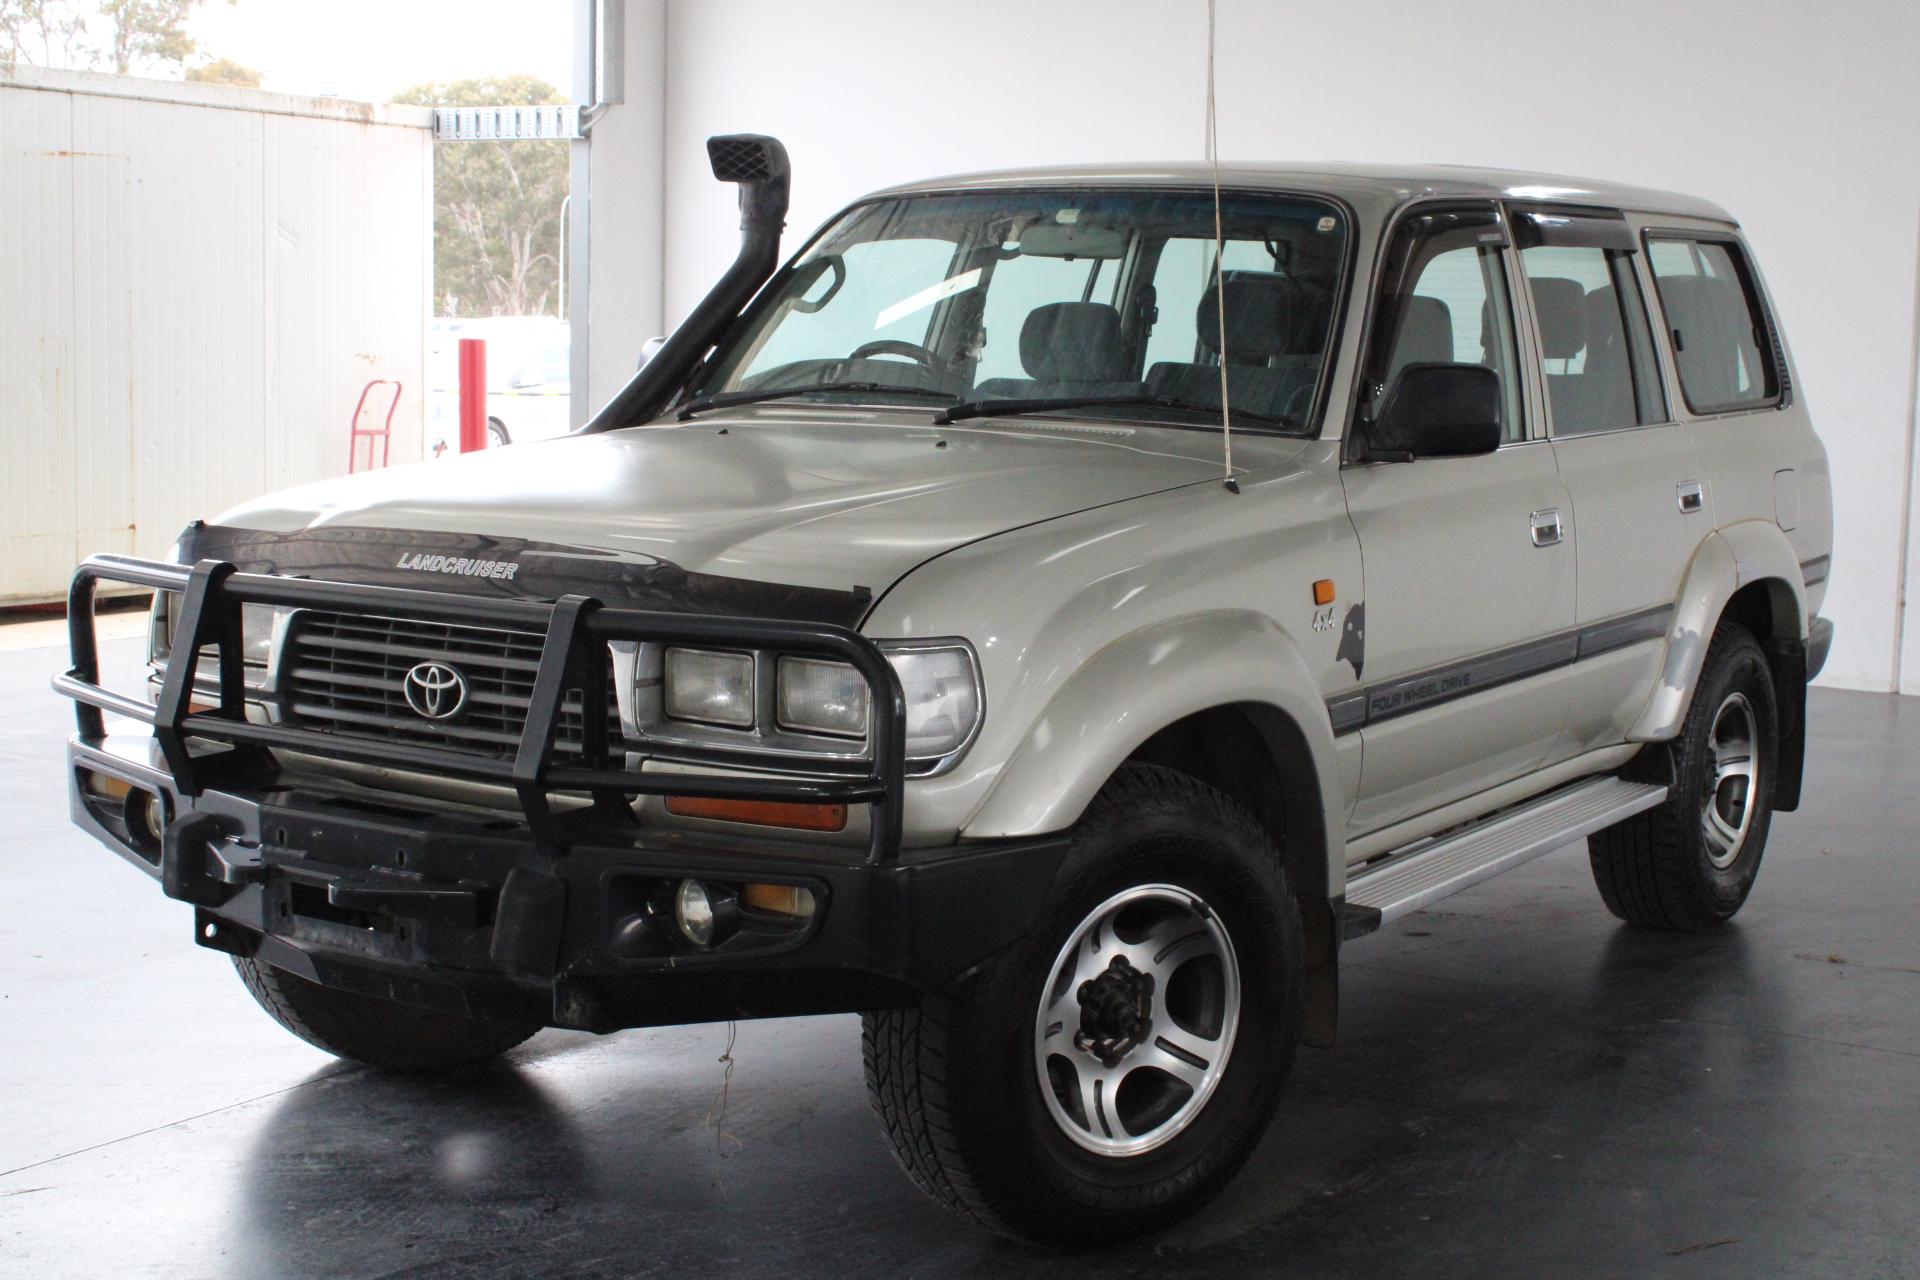 1997 Toyota Landcruiser GXL (4x4) FZJ80 Automatic 8 Seats Wagon